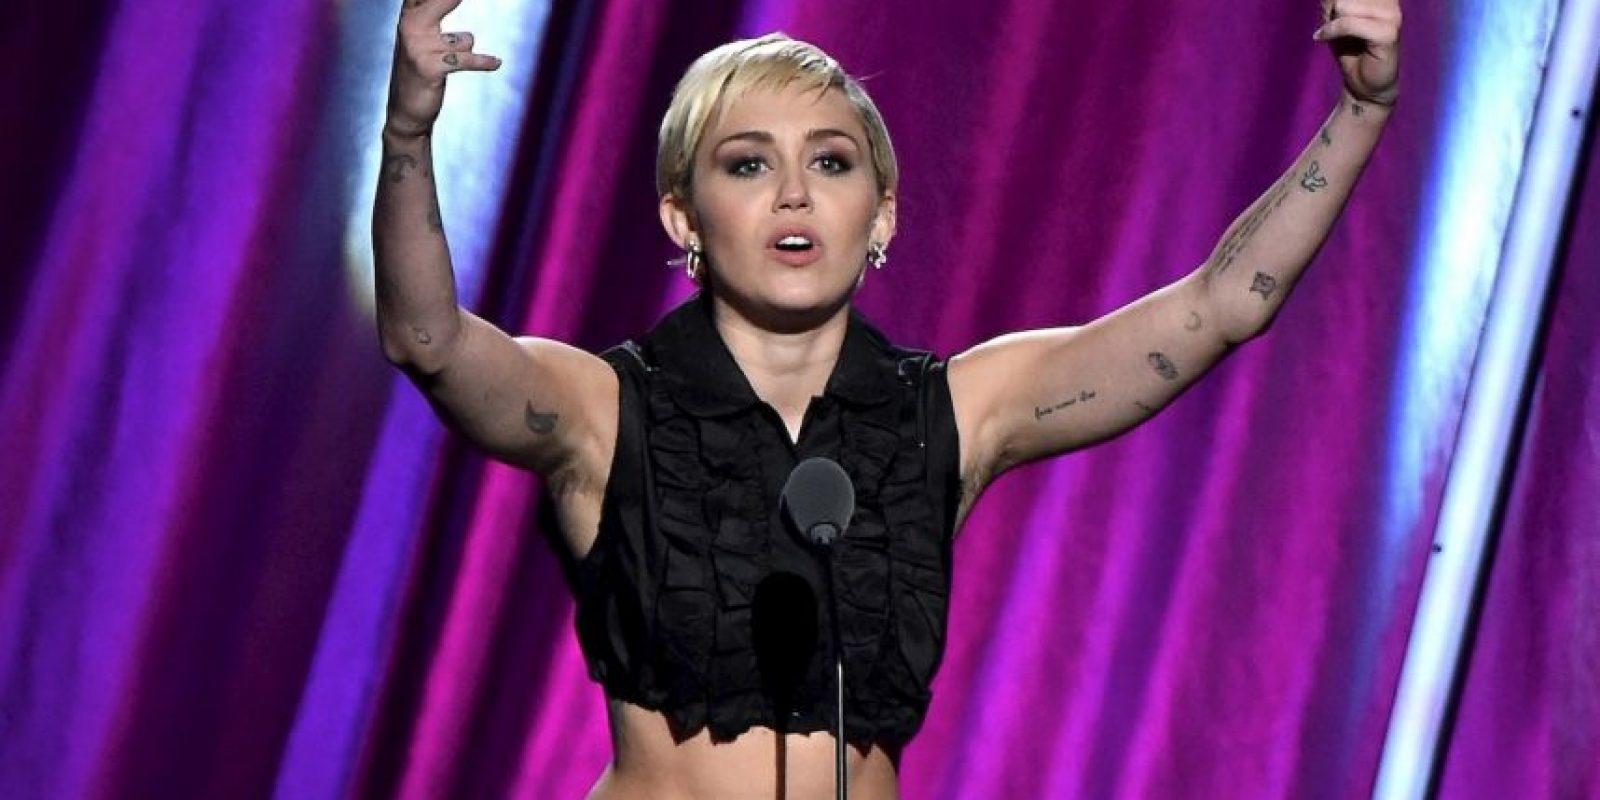 En esta premiación, la cantante presumió su largo vello axilar. Foto:Getty Images